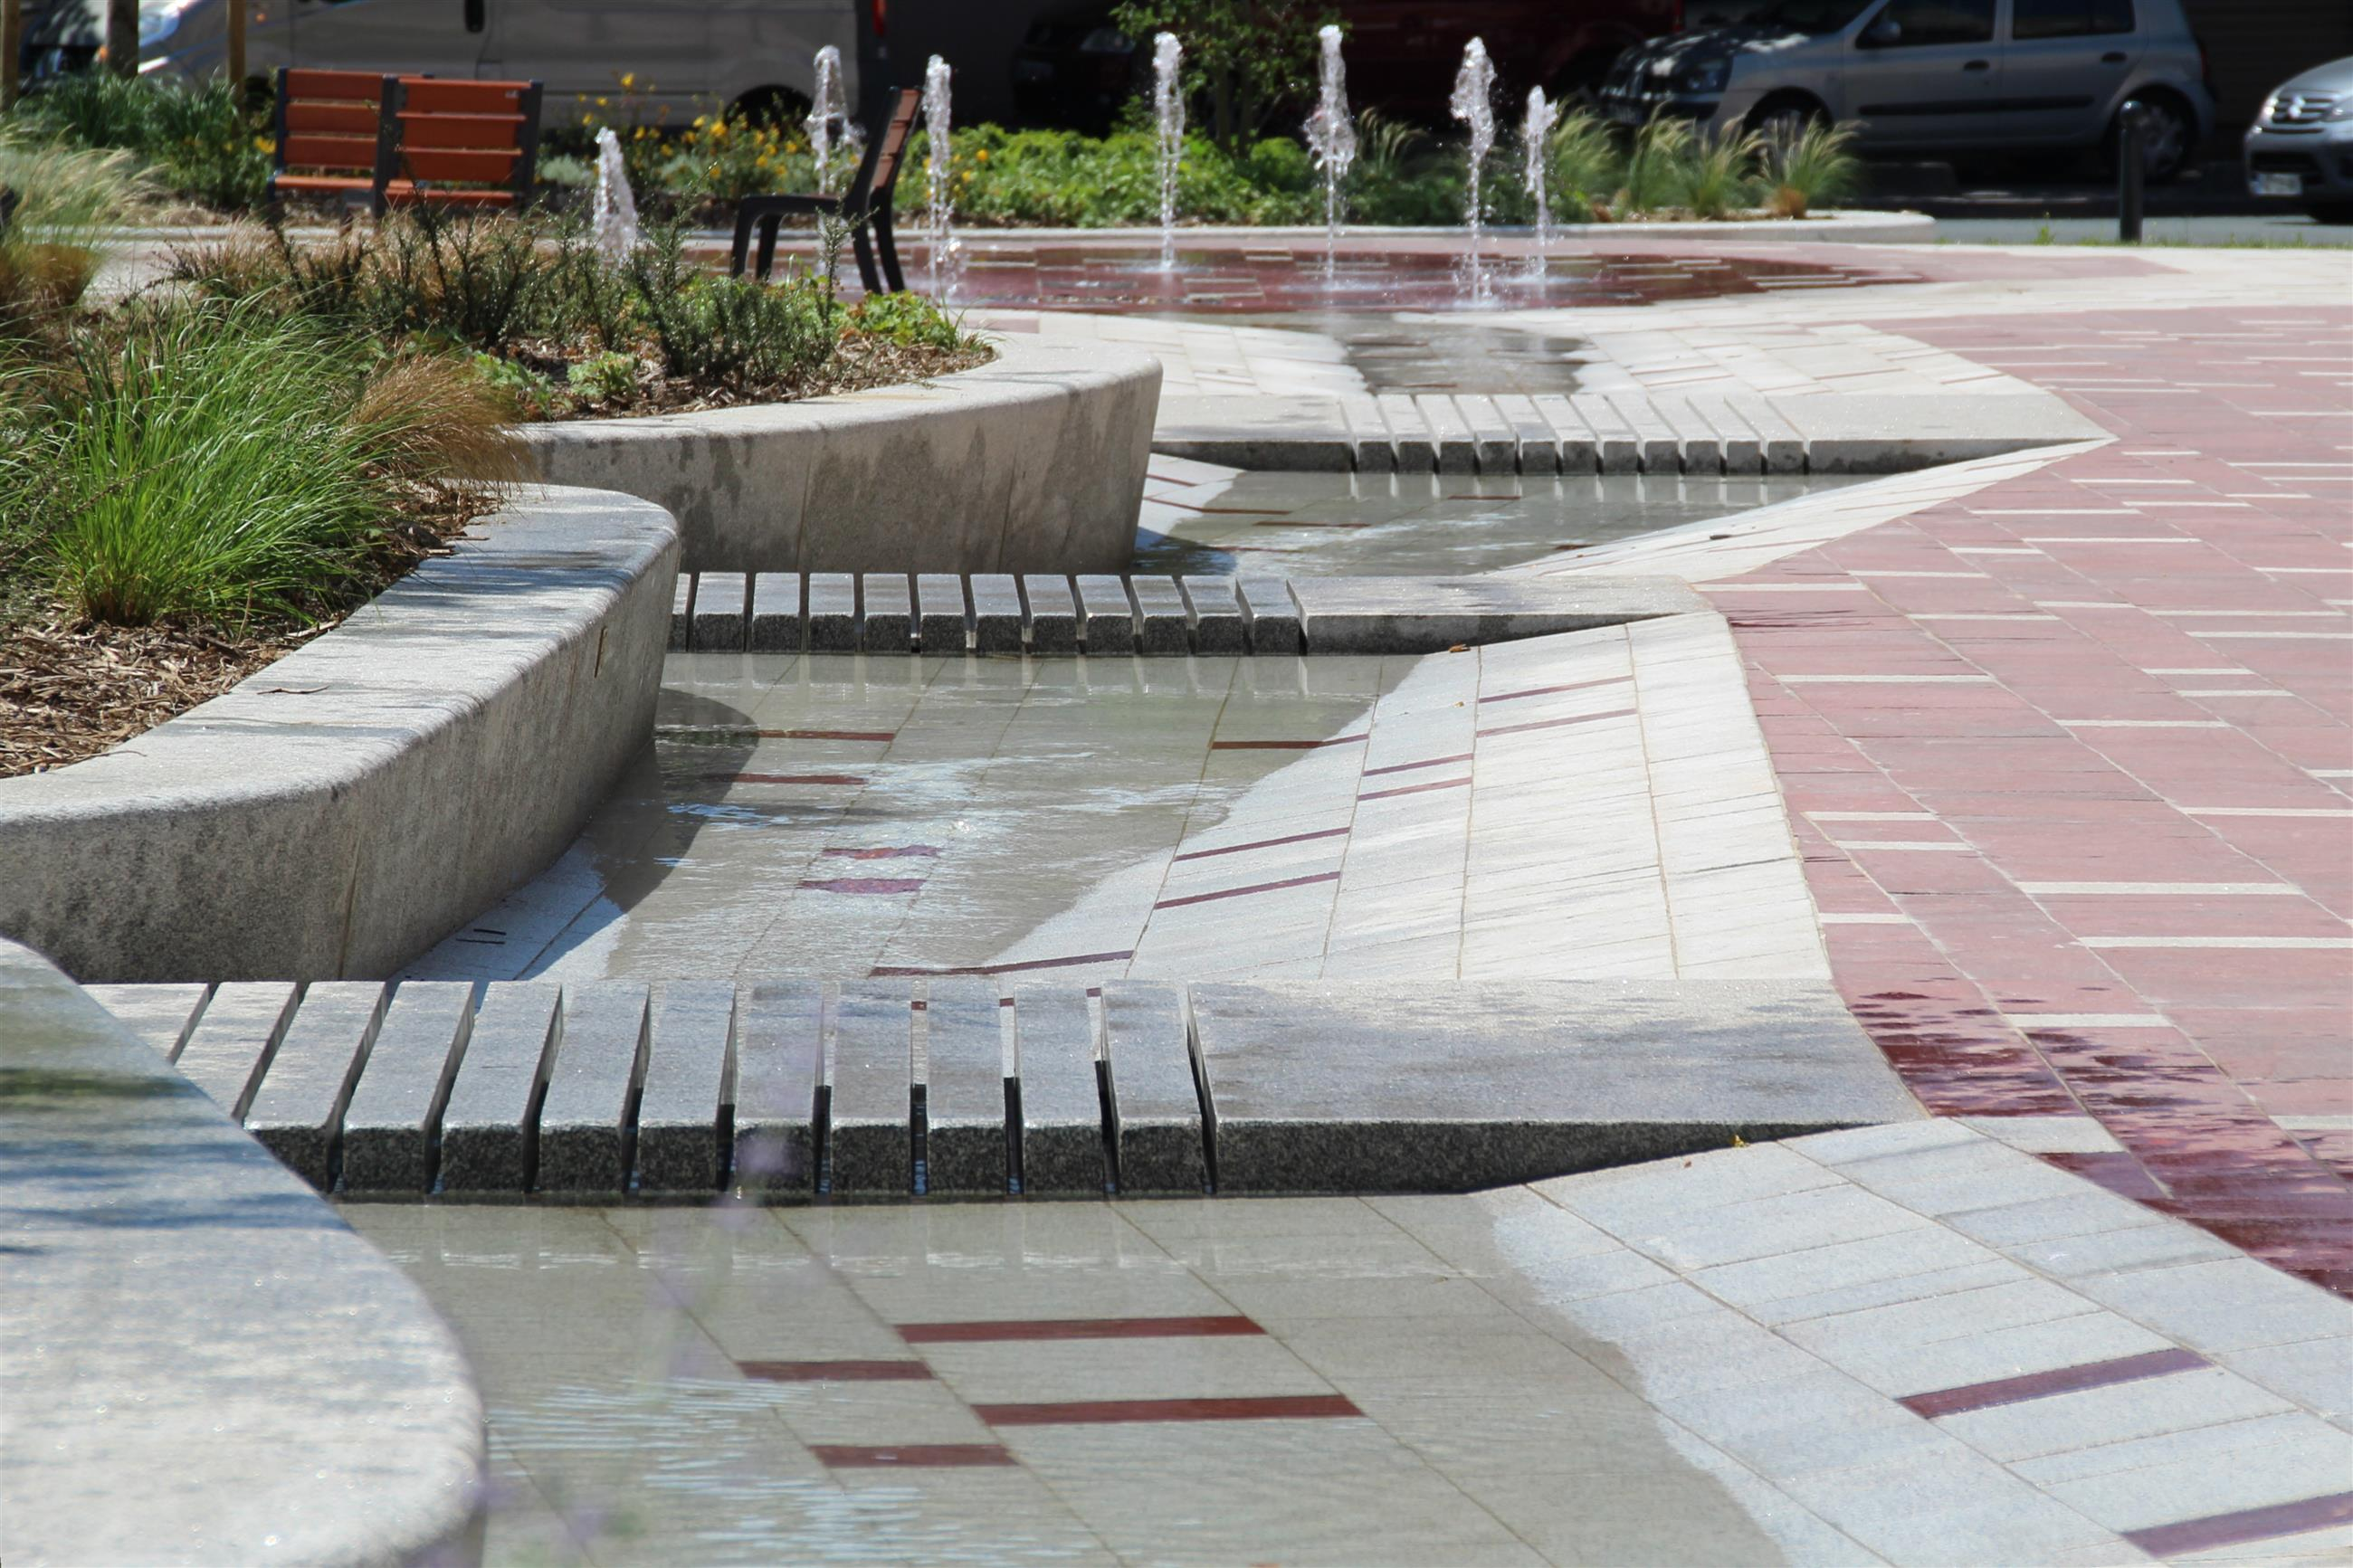 Vue du chemin d'eau avec pas japonais (parcours eau vive)